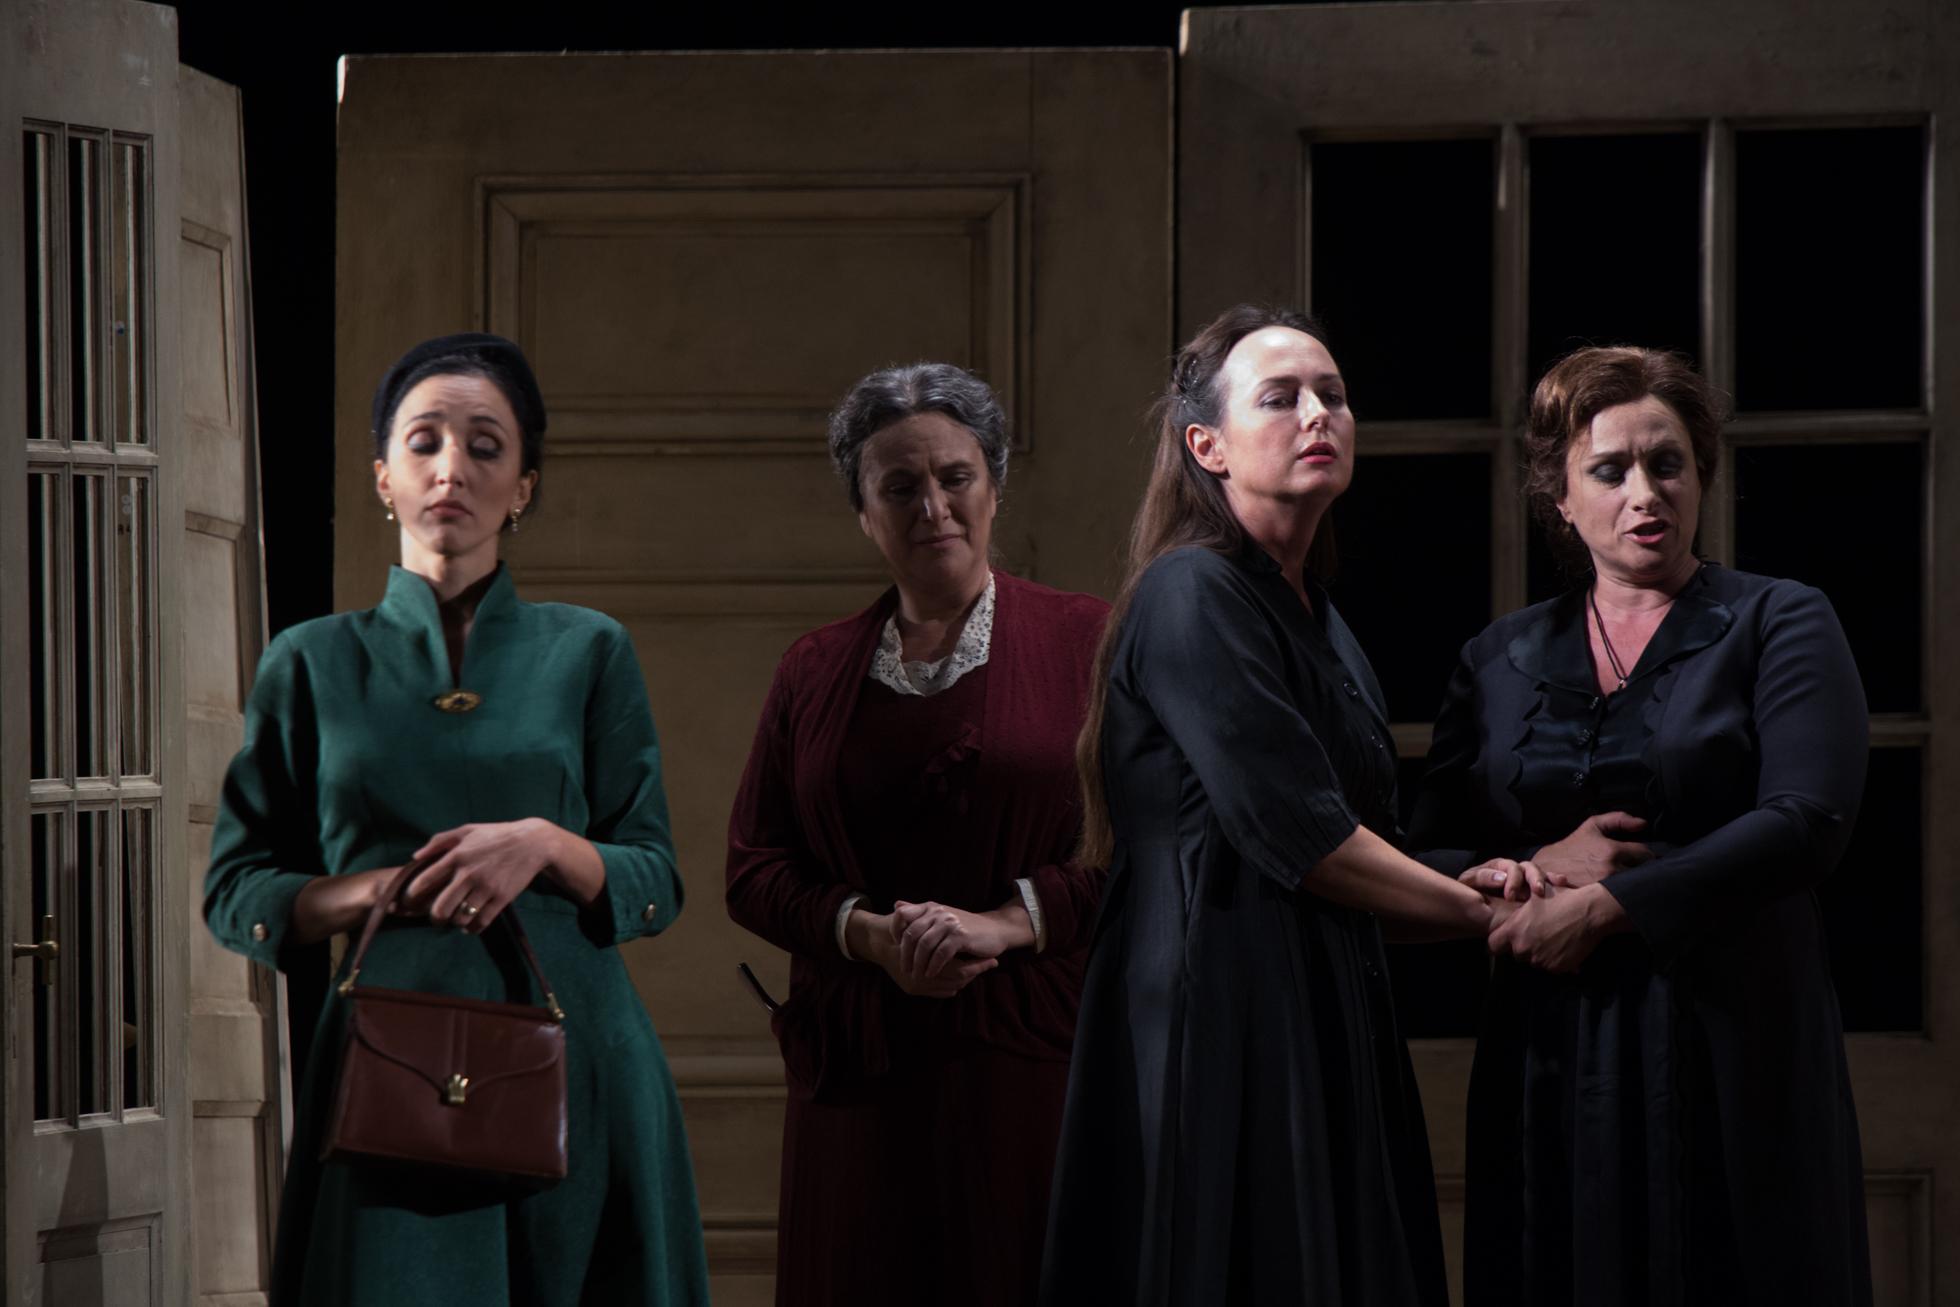 ph. Rosellina Garbo - Fondazione Teatro Massimo Palermo